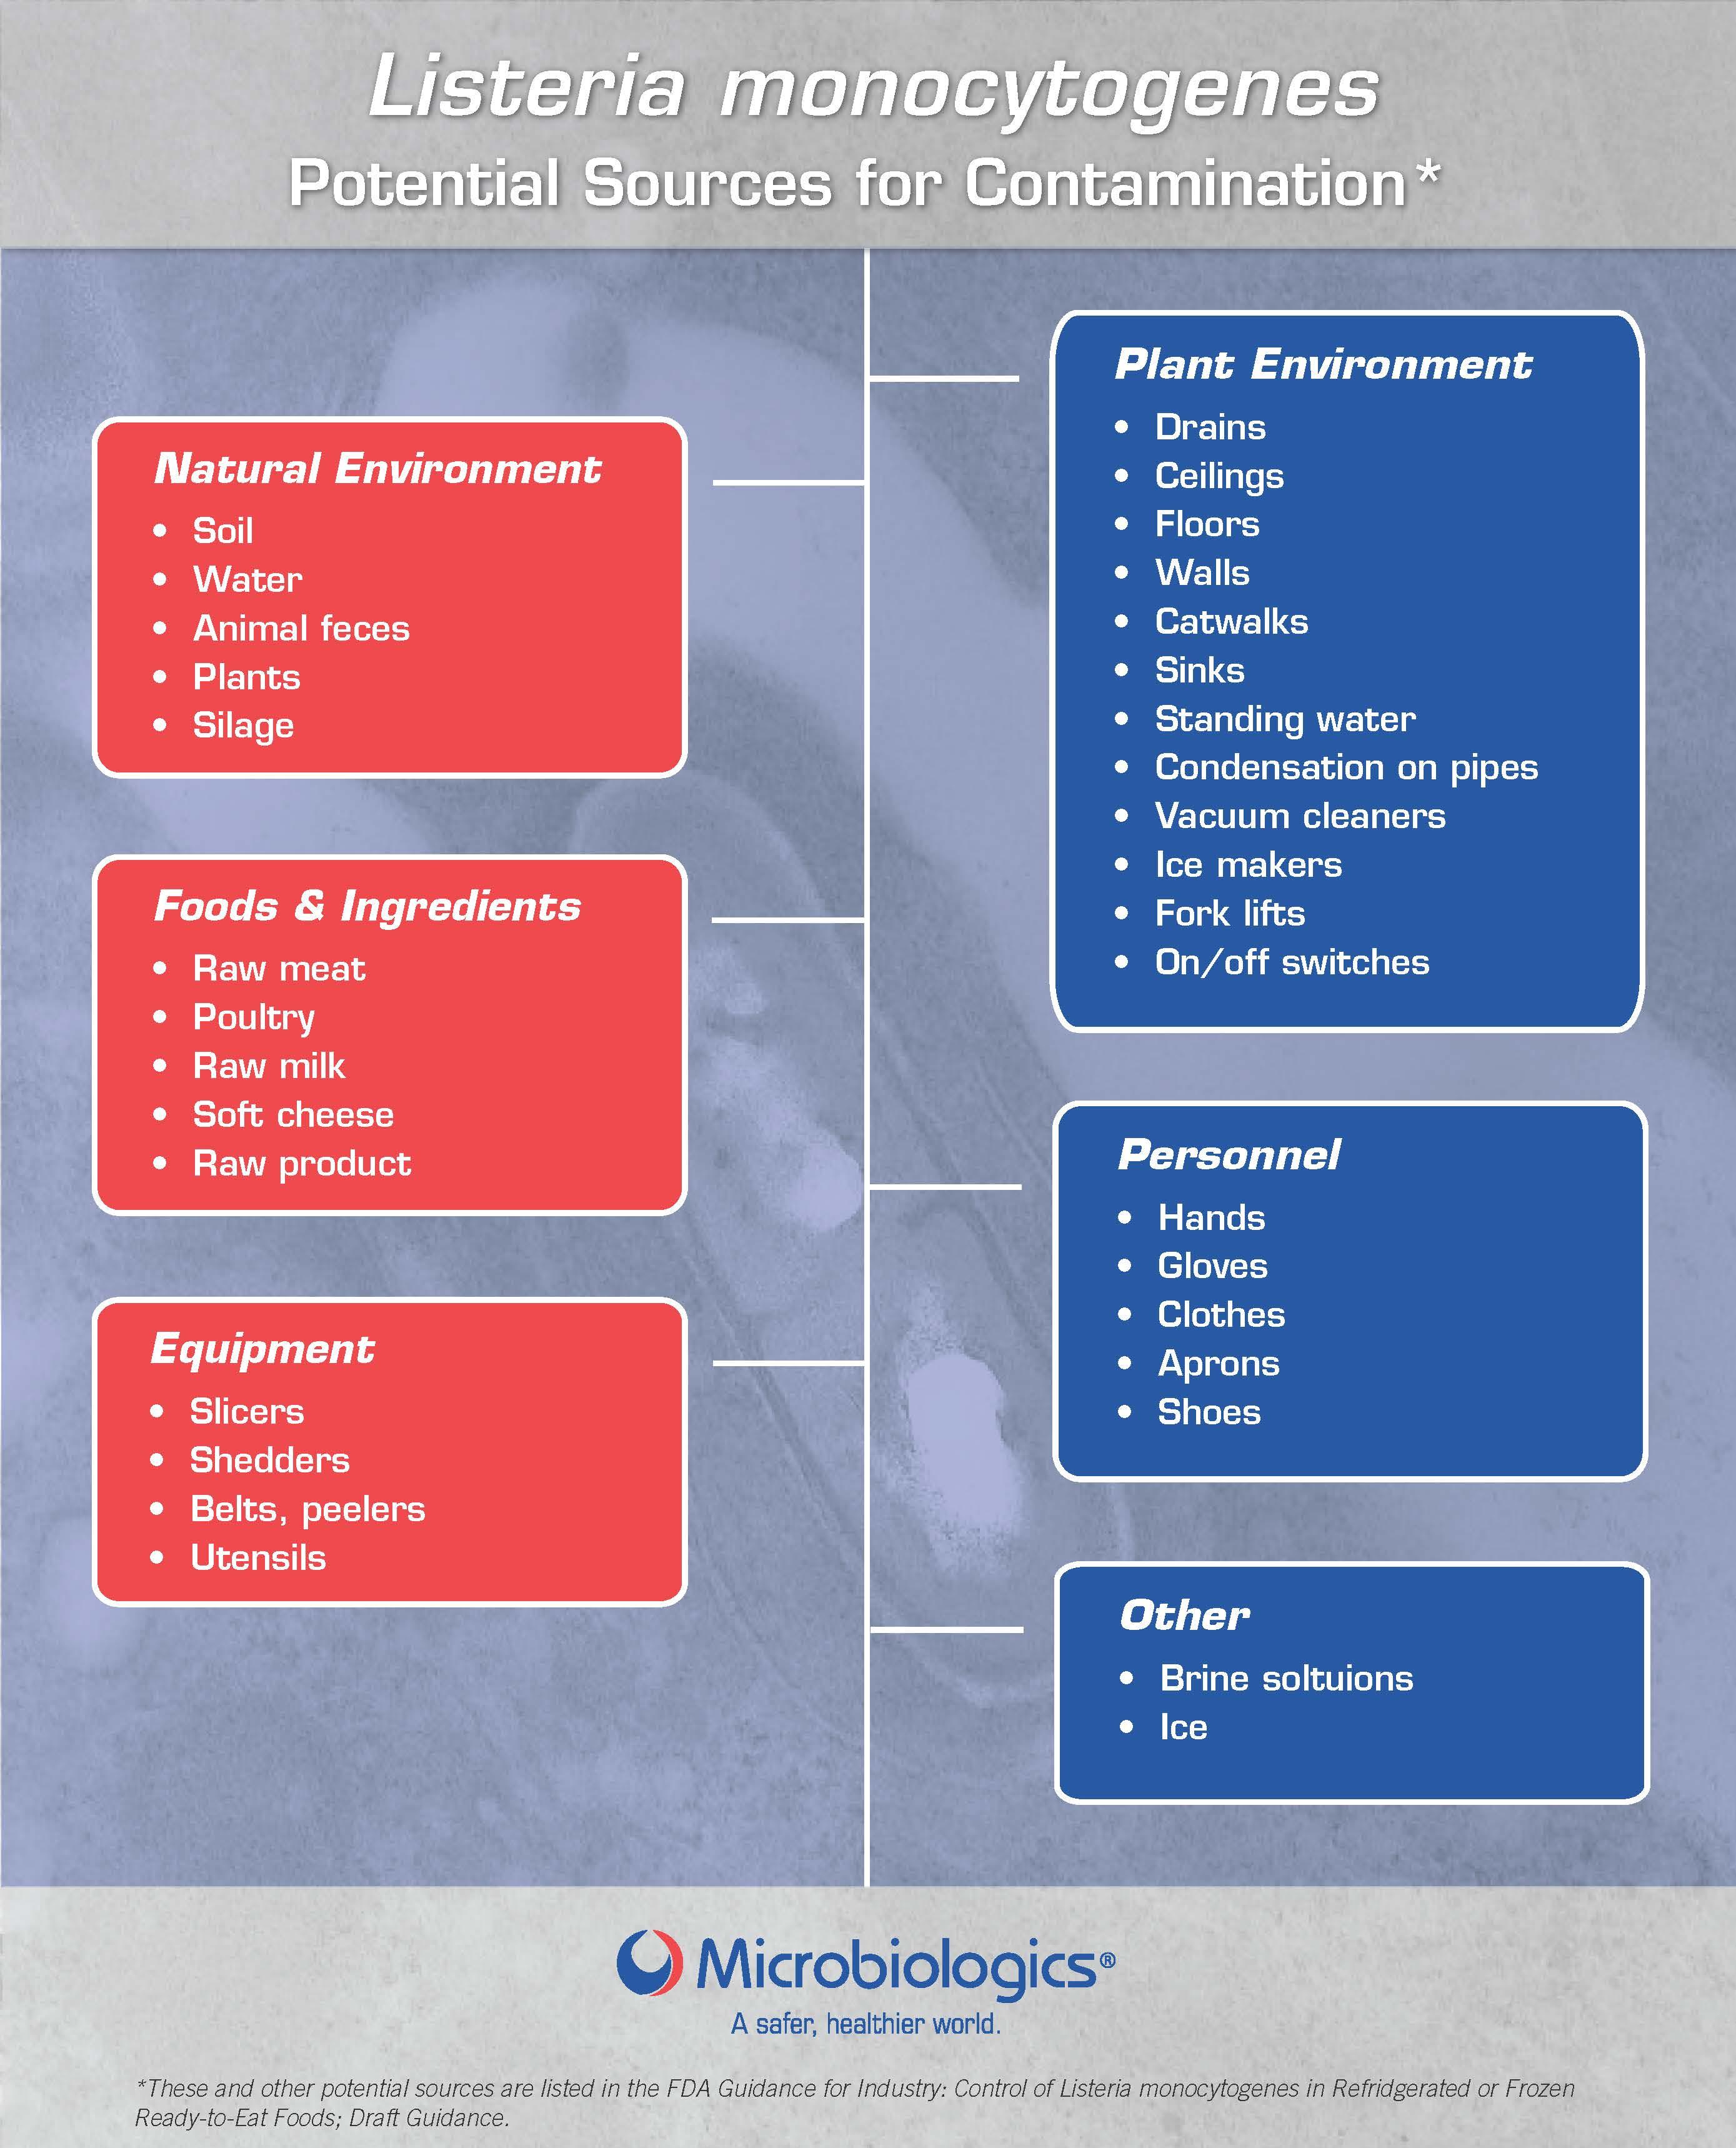 Listeria Contamination Sources List